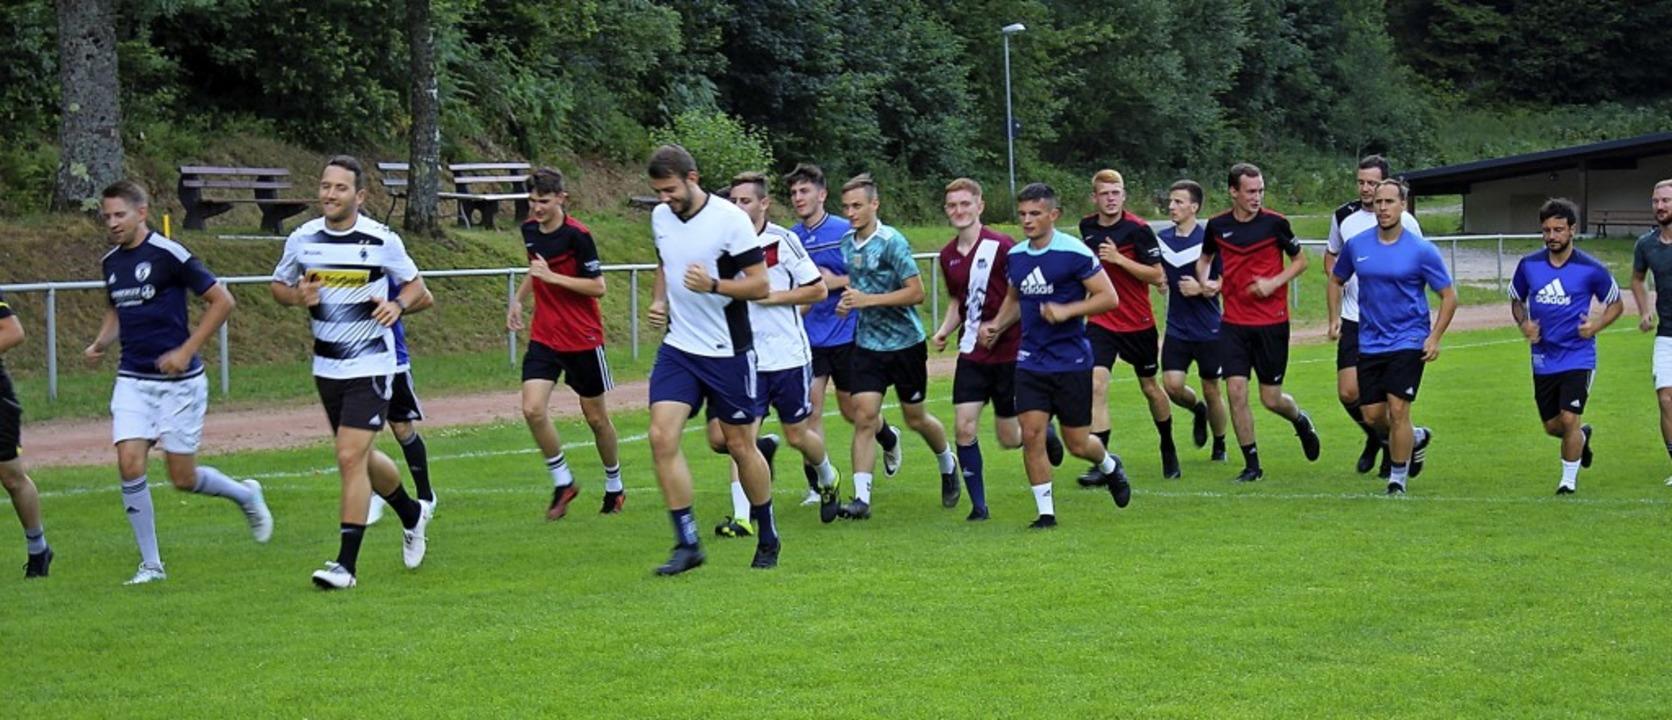 Das SG-Team beim Training auf dem Platz der Sportfreunde Obersimonswald     Foto: Karin Heiß